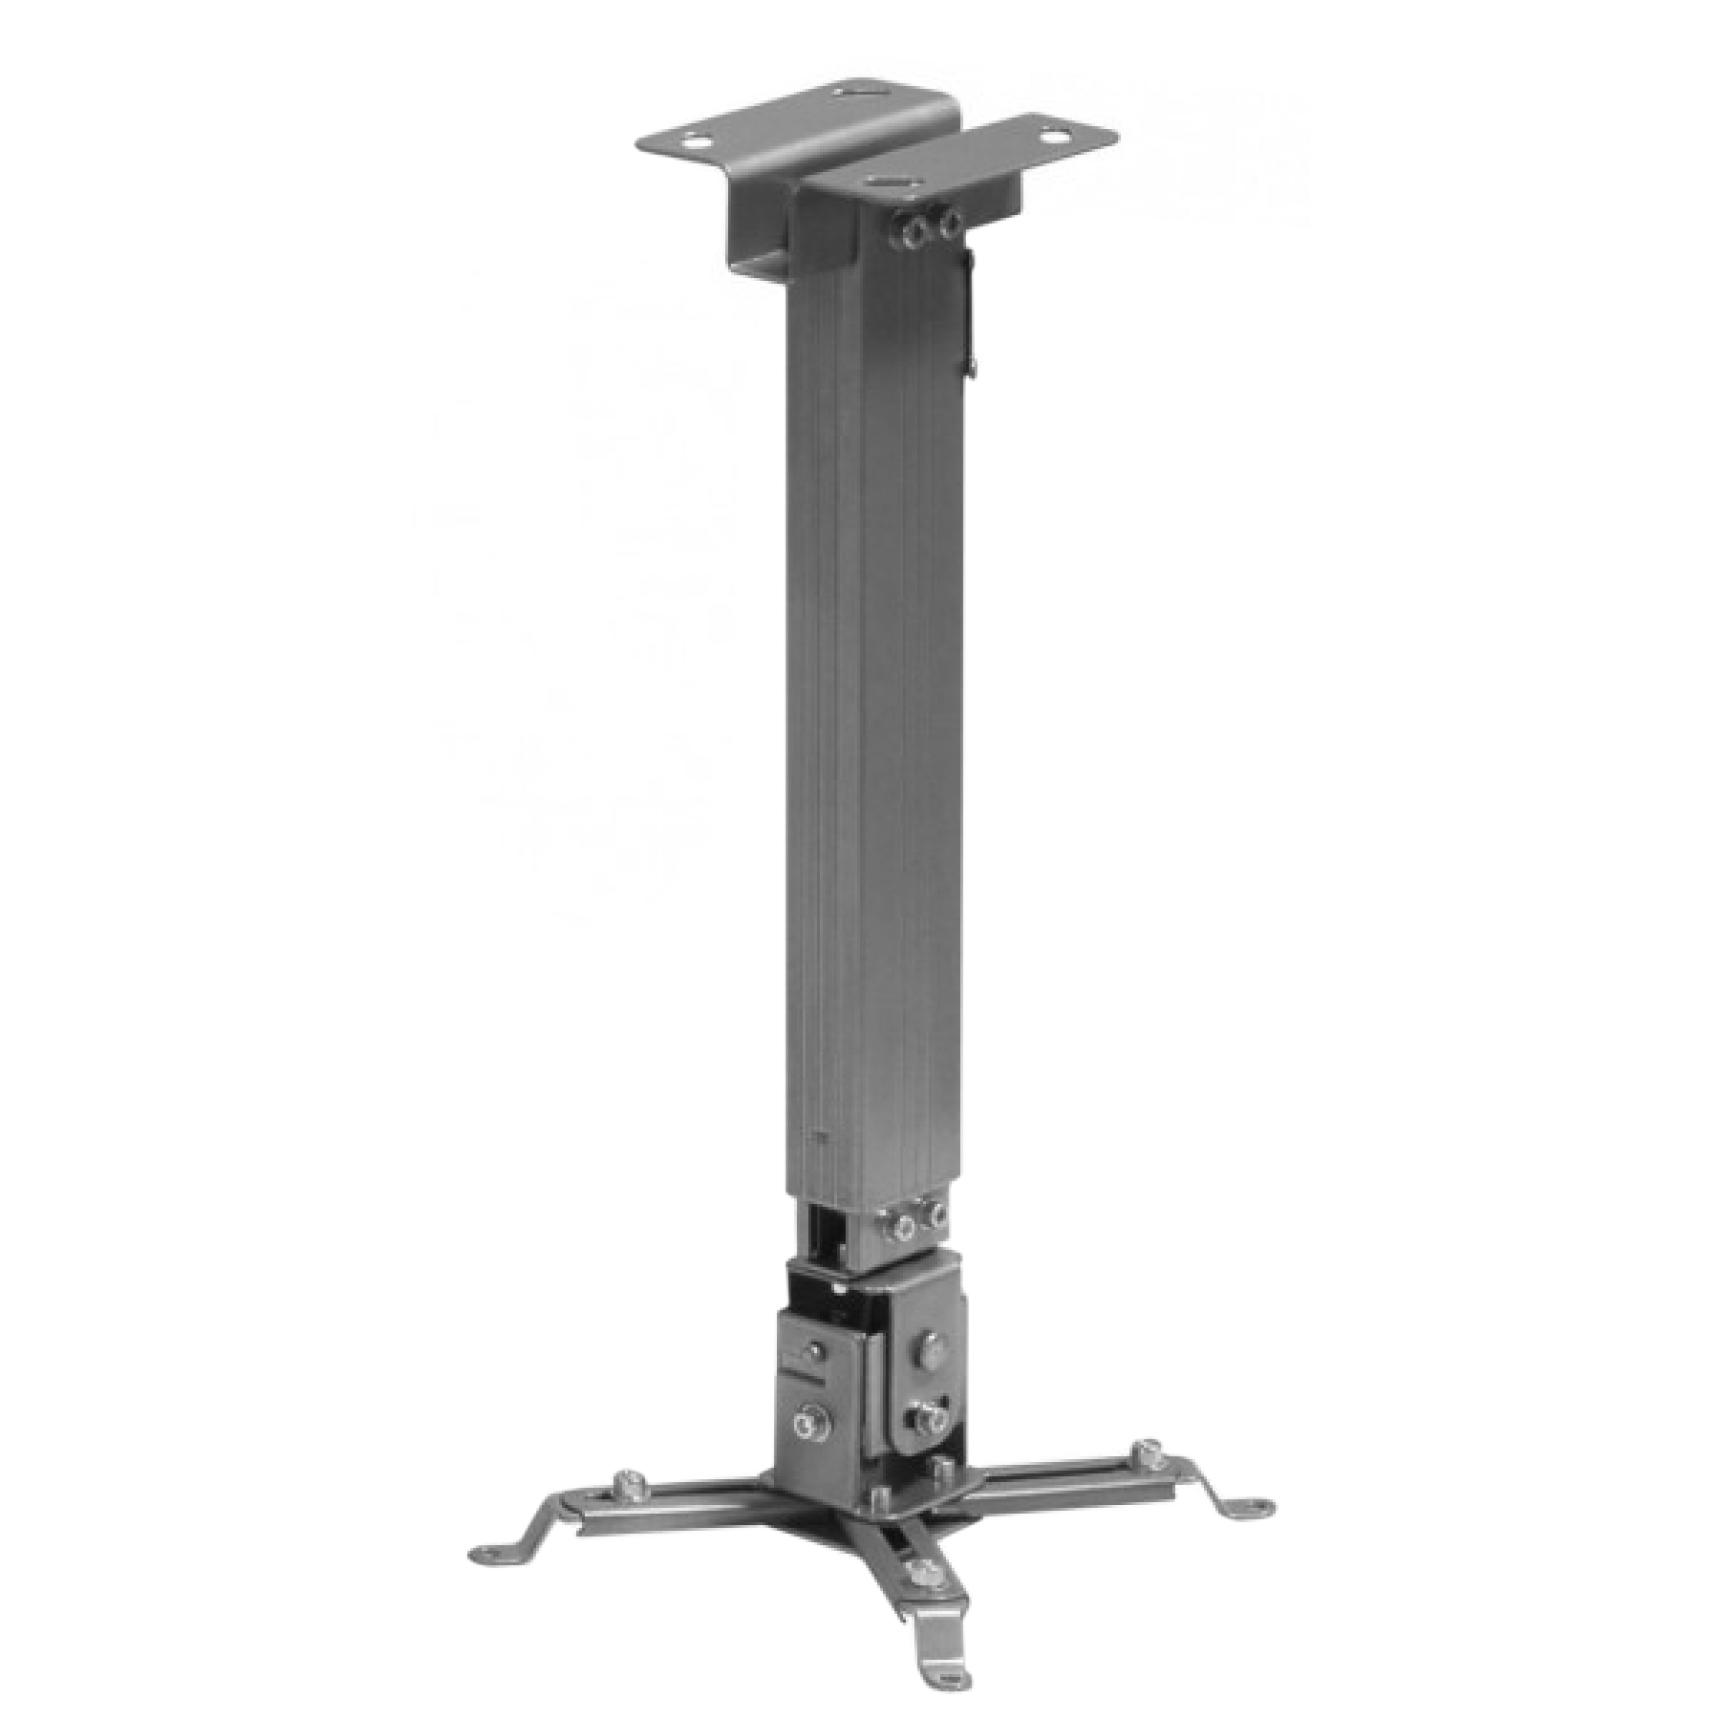 Accesoriu proiector Sopar Suport de tavan Tapa 23056 argintiu